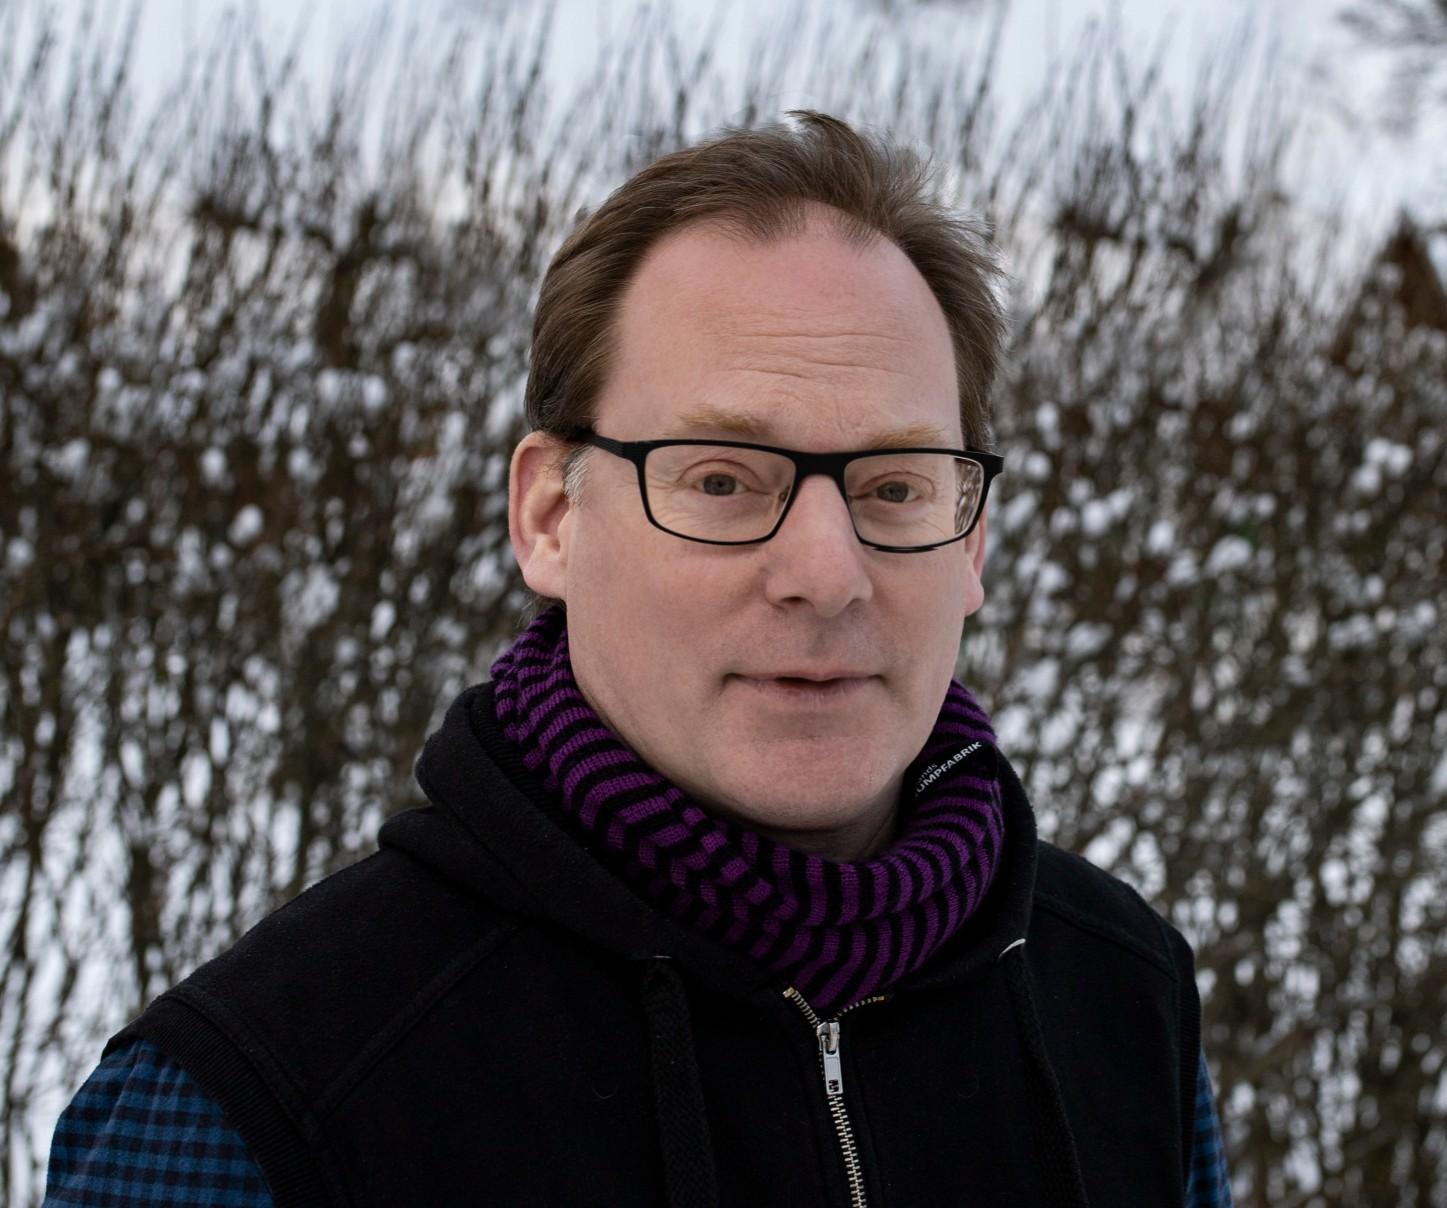 Porträtt av Mats Olsén, Årets William 2020